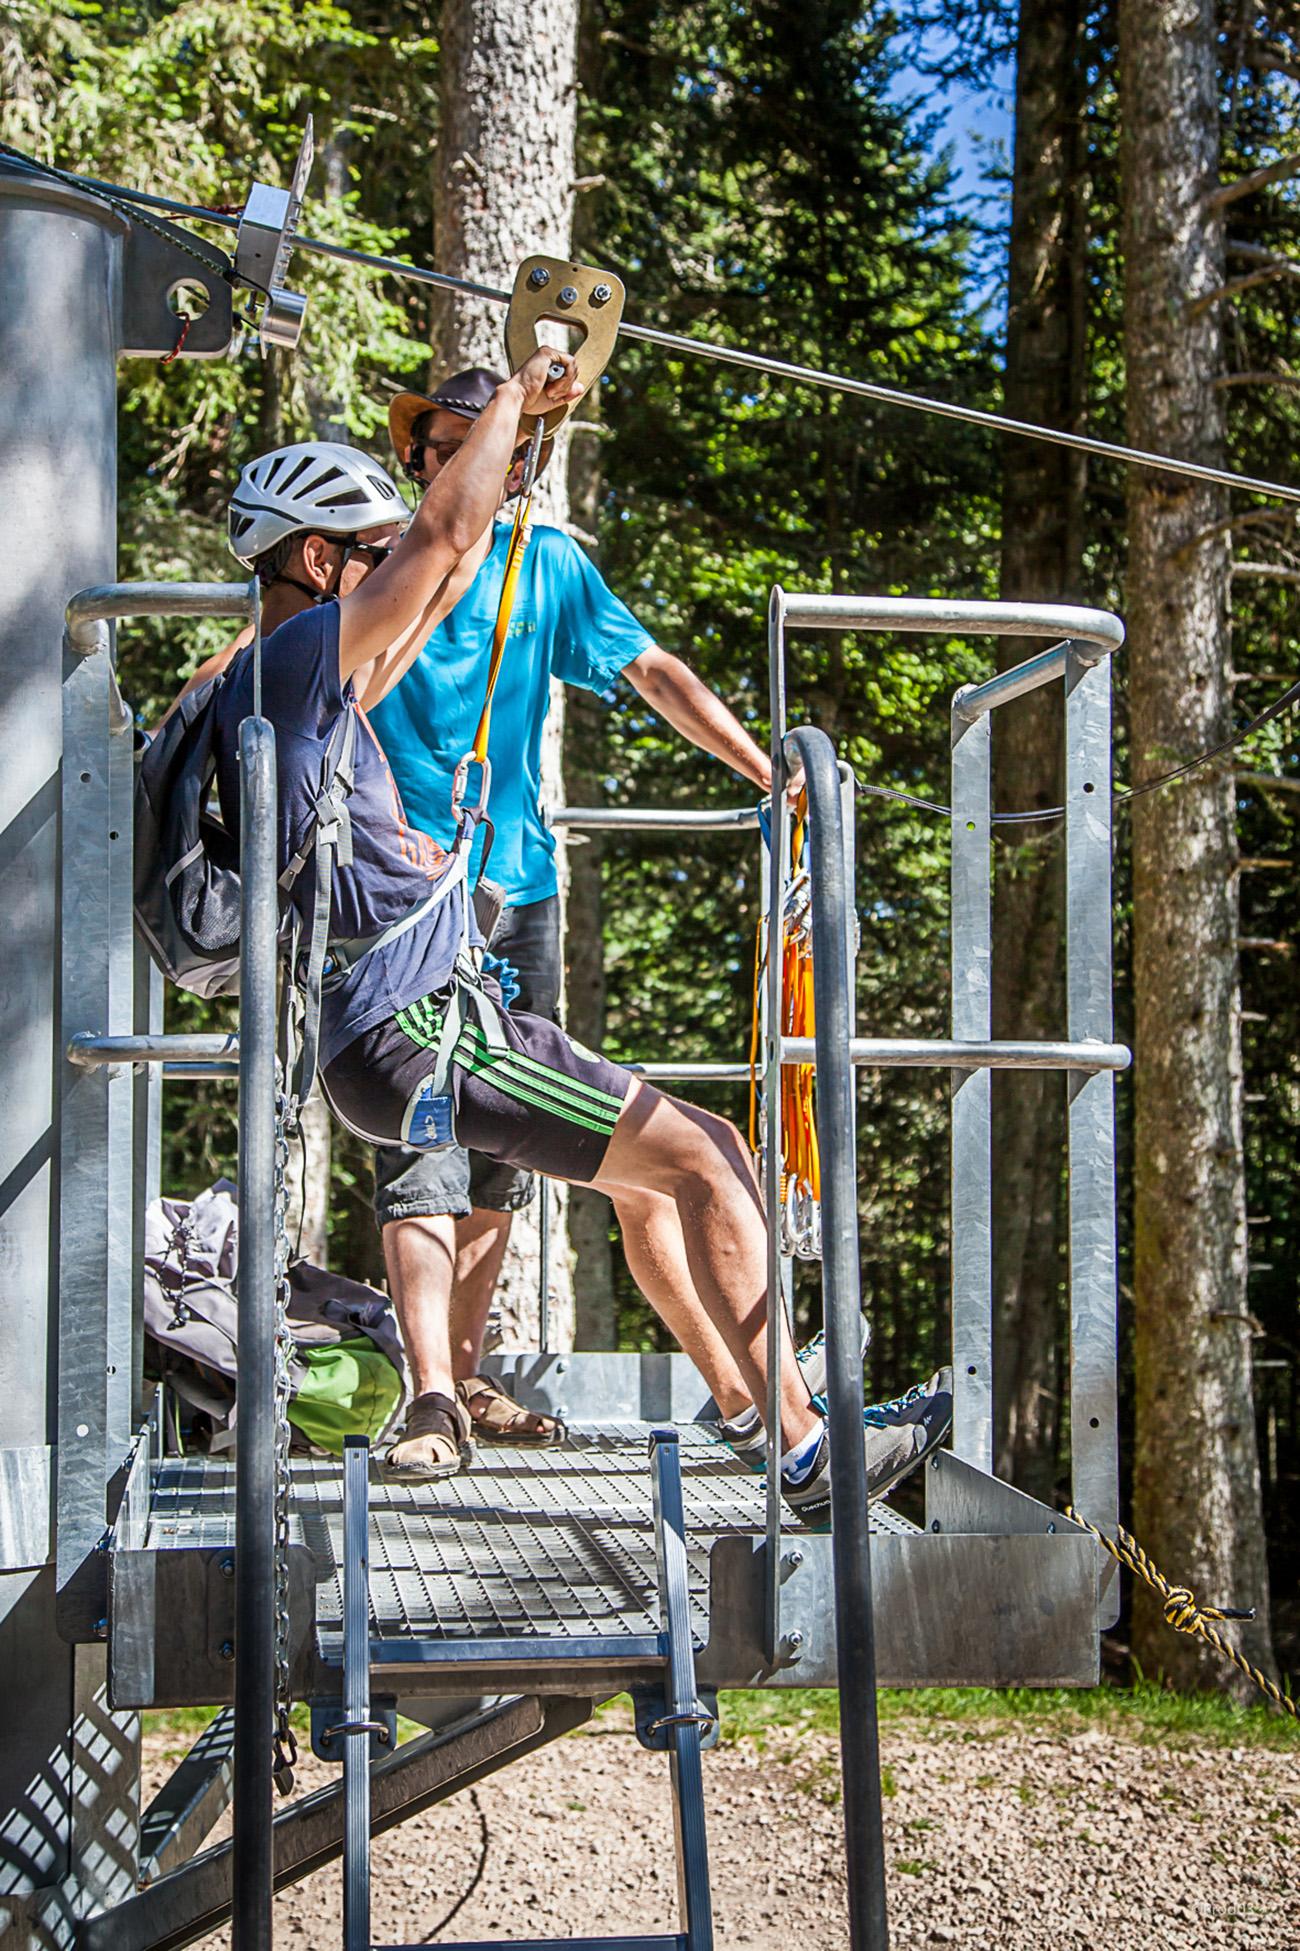 praboure-parc-activite-montagne-photo-balades-tyrolienne-geante